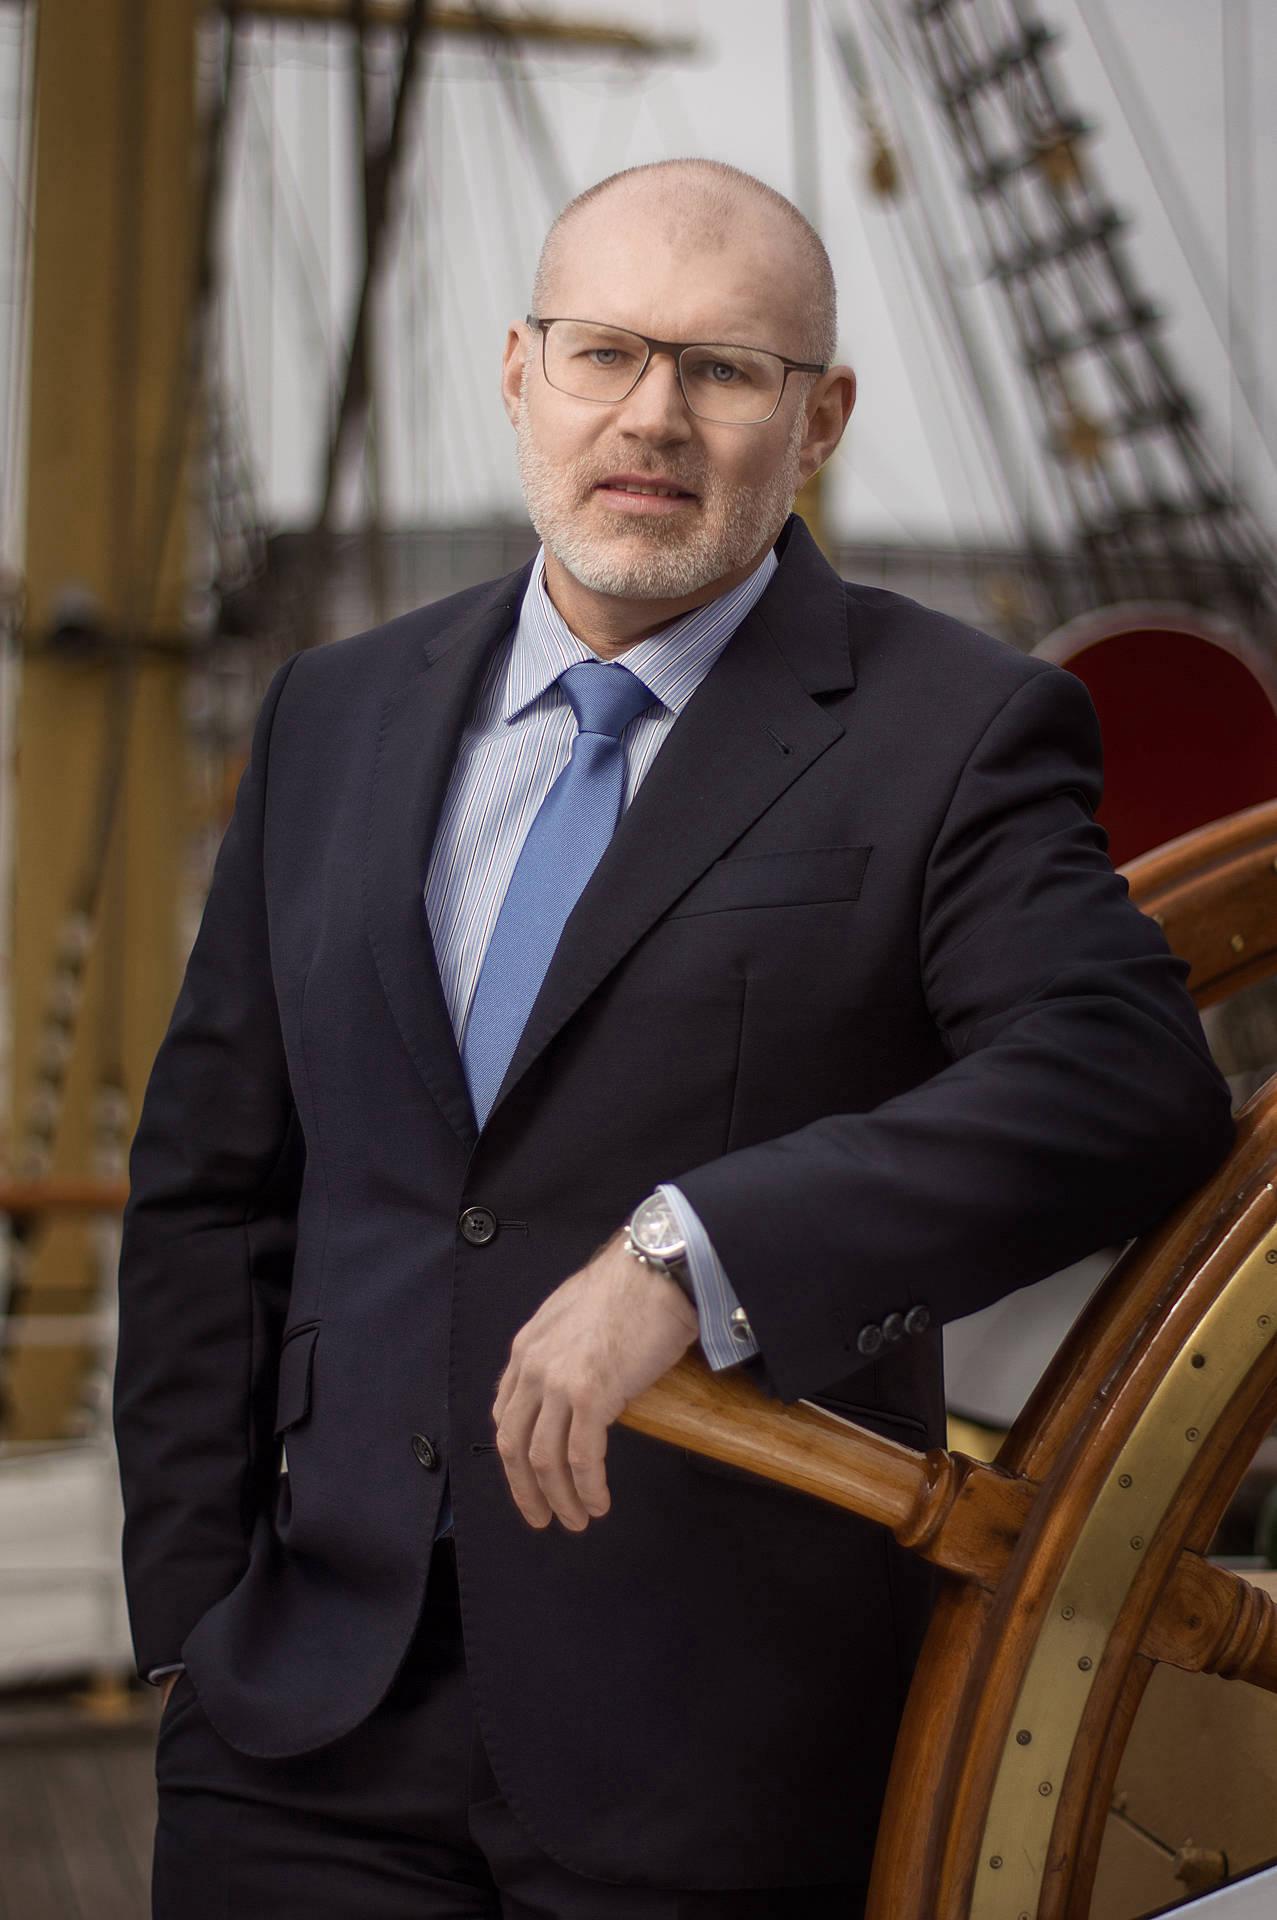 Businessportrait eines Mannes auf Segelboot